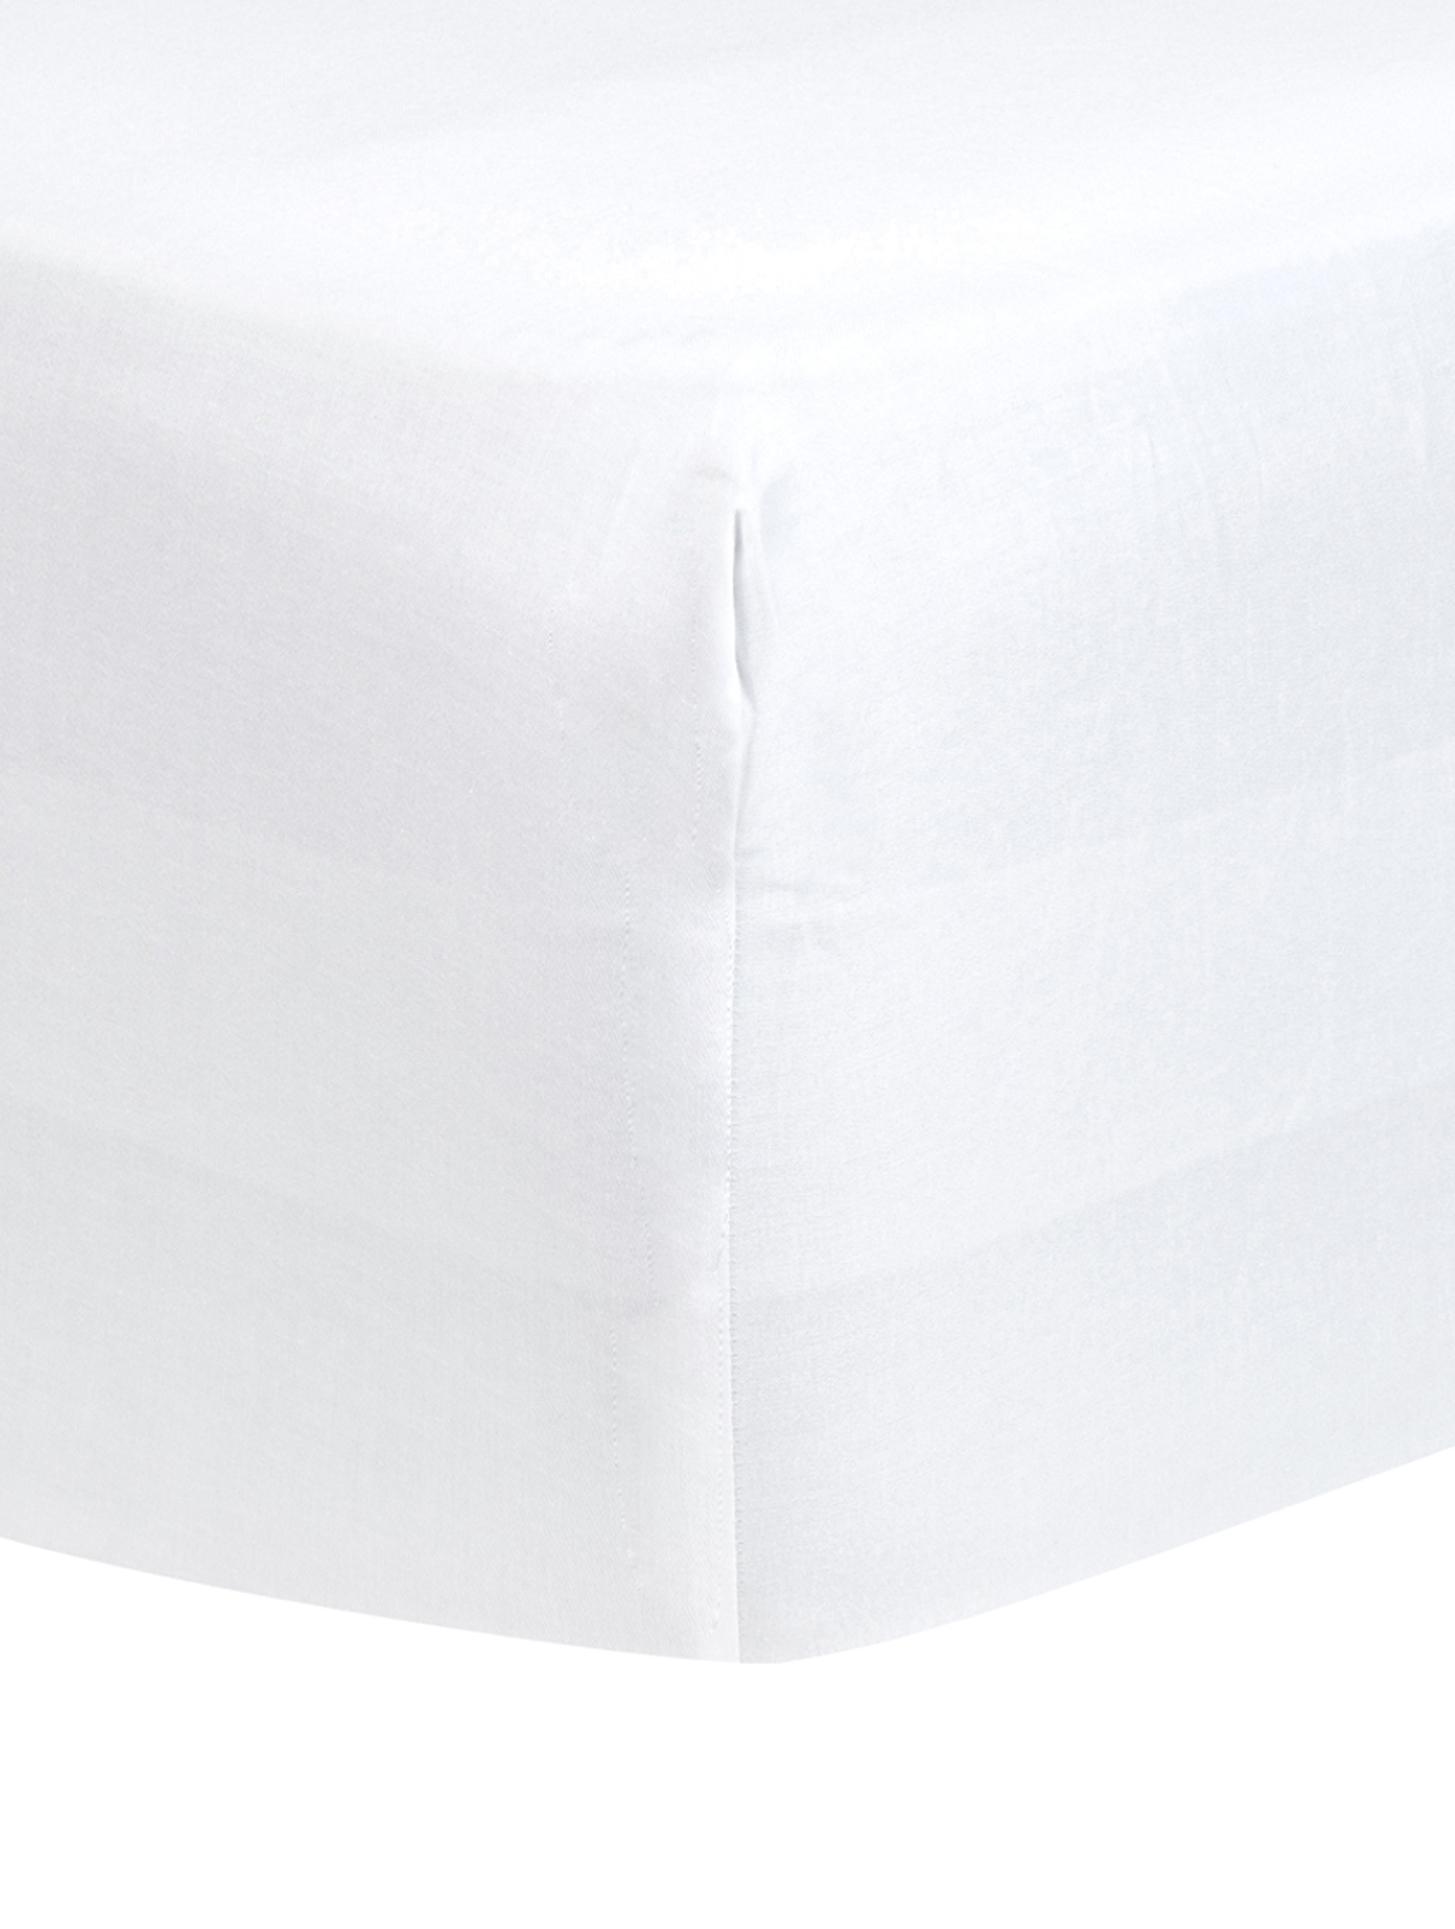 Boxspring-Spannbettlaken Comfort, Baumwollsatin, Webart: Satin, leicht glänzend, Weiß, 160 x 200 cm